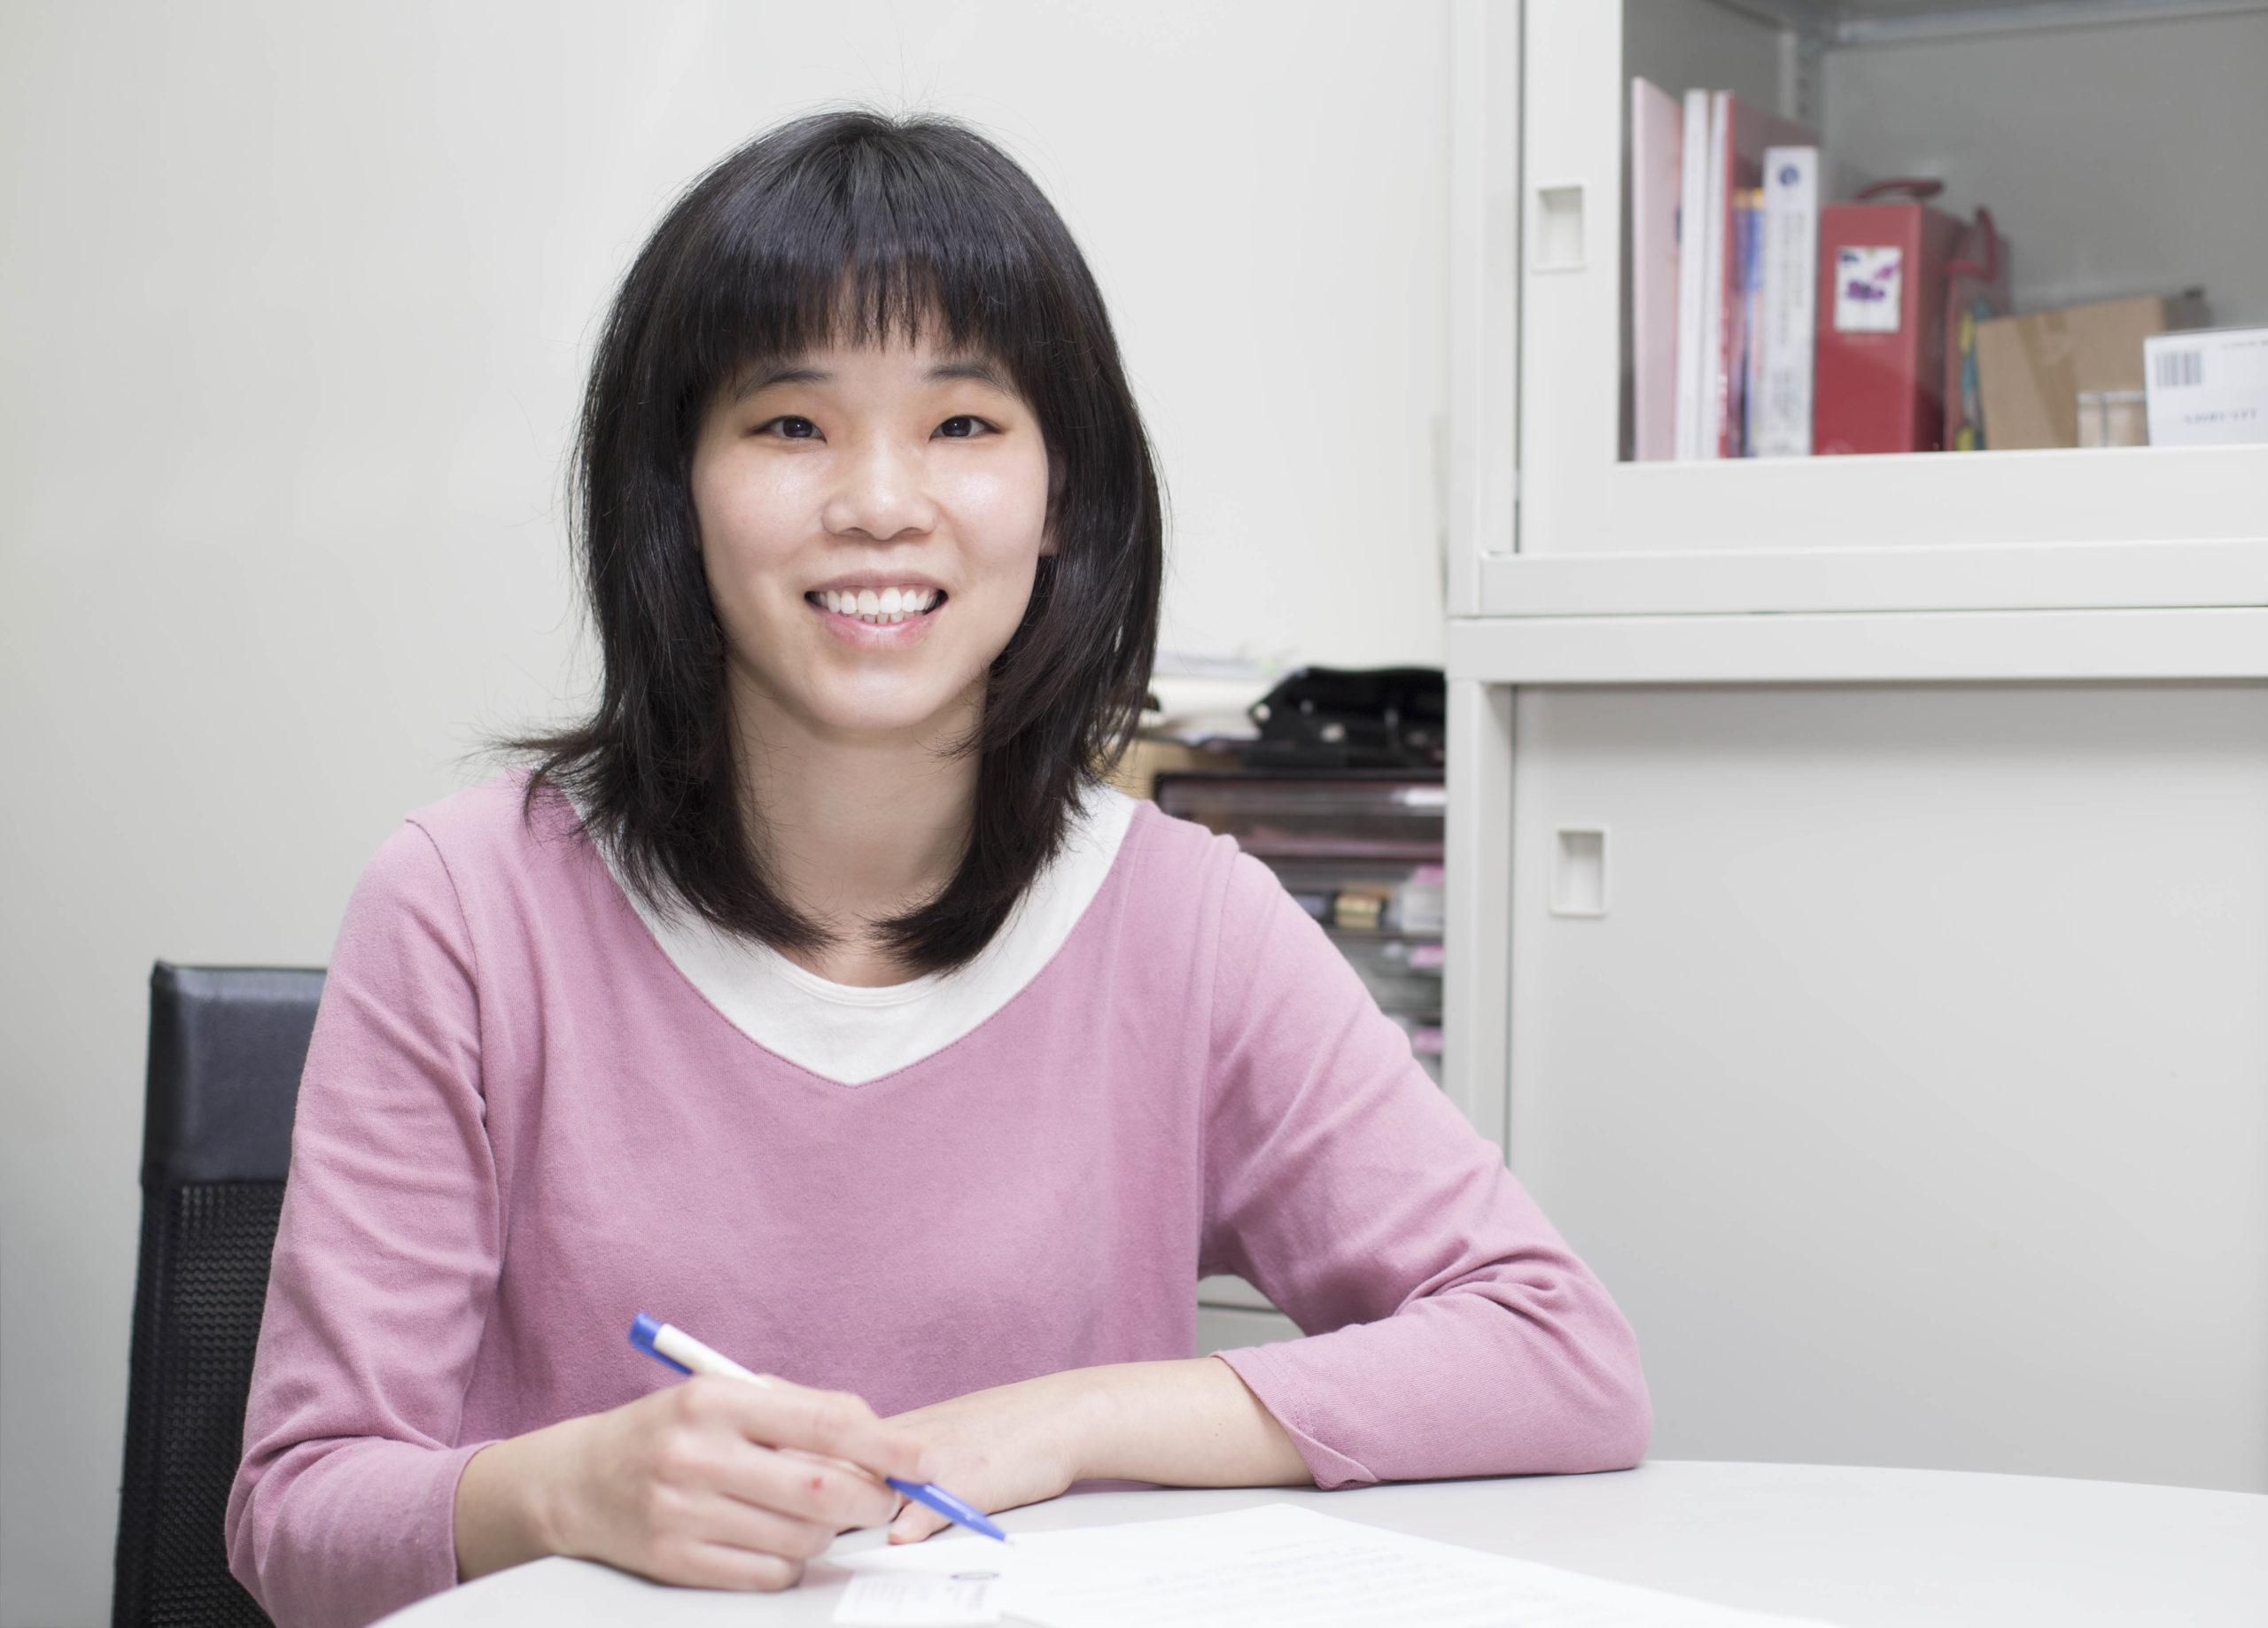 因為高中升學壓力大,許雅儒回憶當時想著可以外出玩耍,於是大學選填中央大學地球科學系,碩士階段繼續鑽研相關知識。圖│研之有物